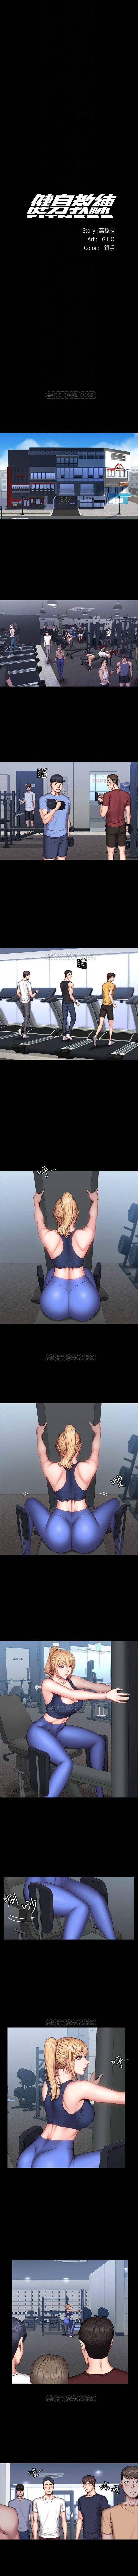 健身教練 1-56 官方中文(連載中) 226